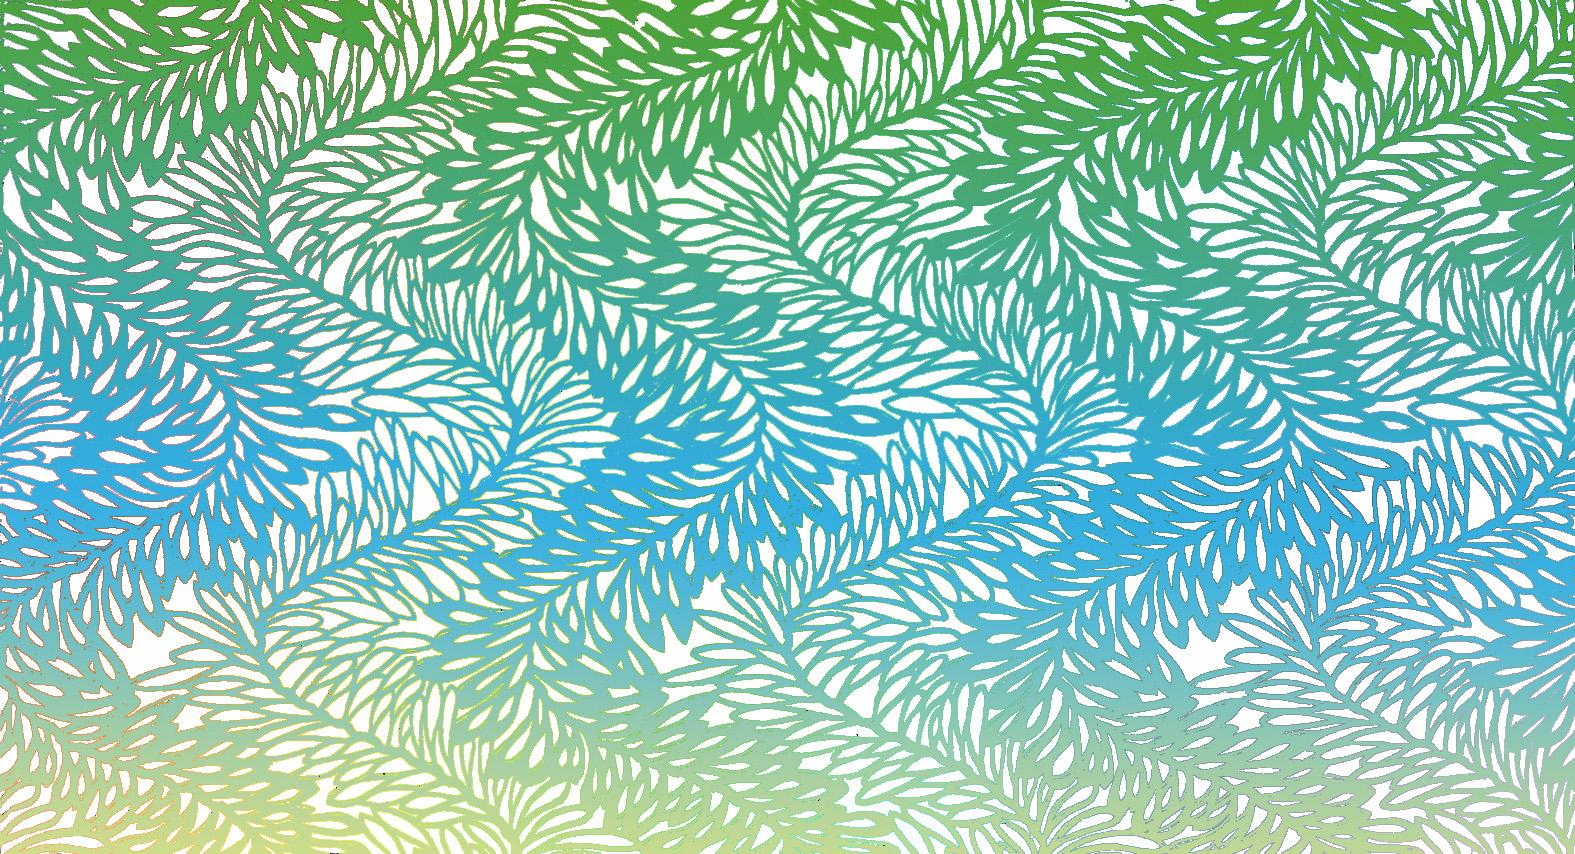 Motifs décoratifs tirés des pochoirs japonais de par Th. Lambert -Serpentines d'algues ; (Collection Maurice Dufrène